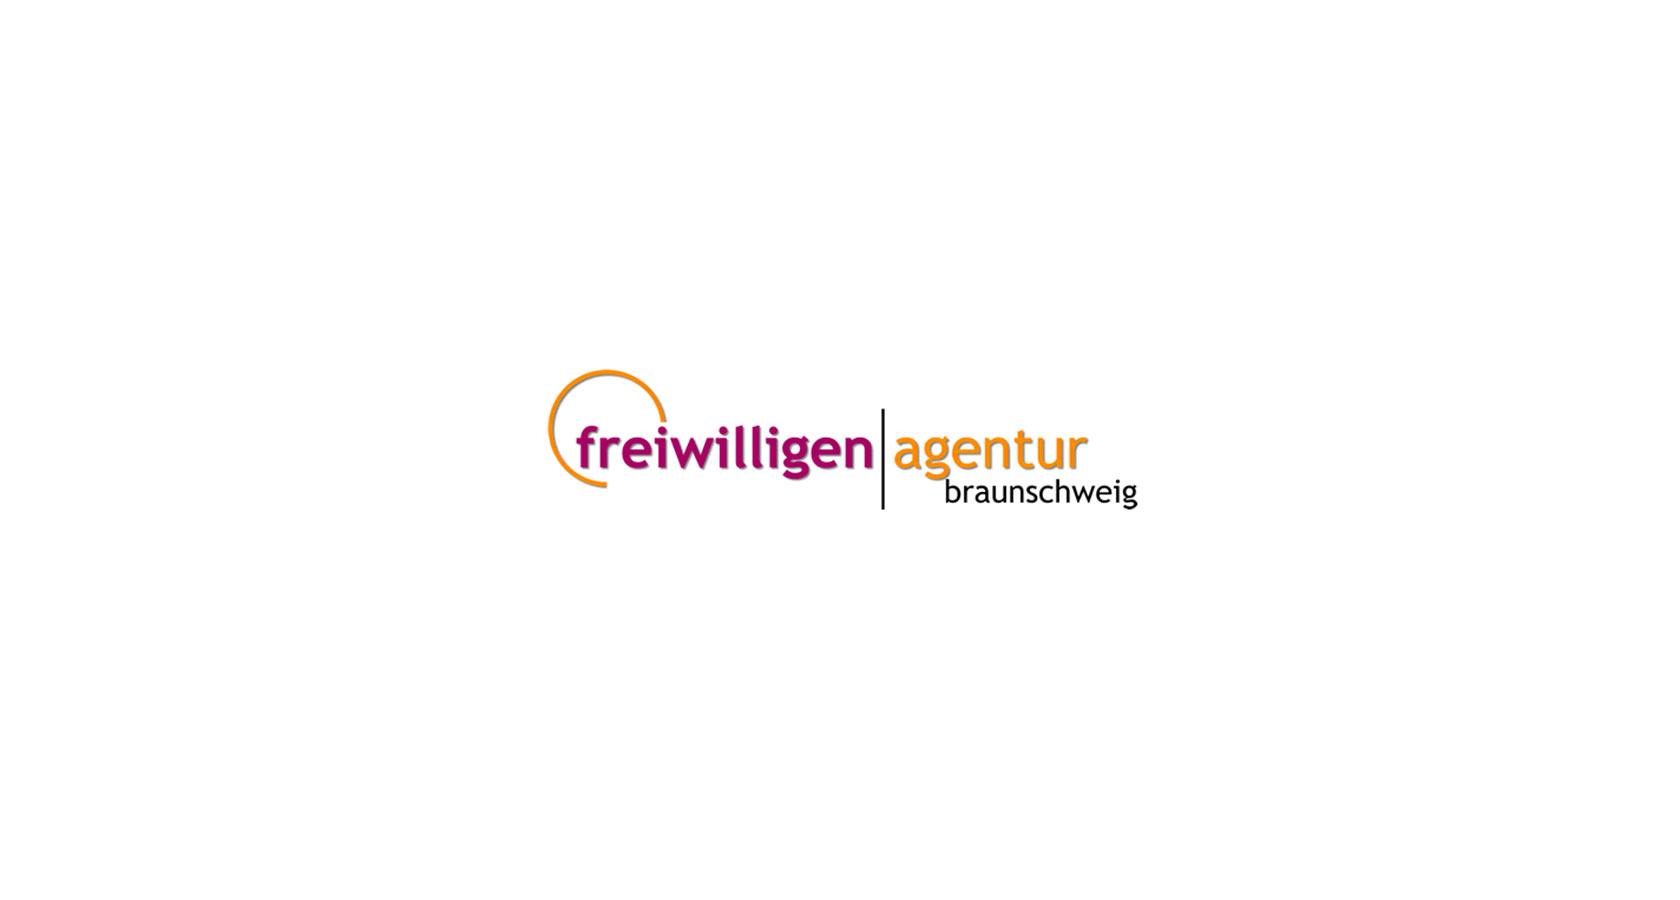 Logo der Freiwilligenagentur Braunschweig